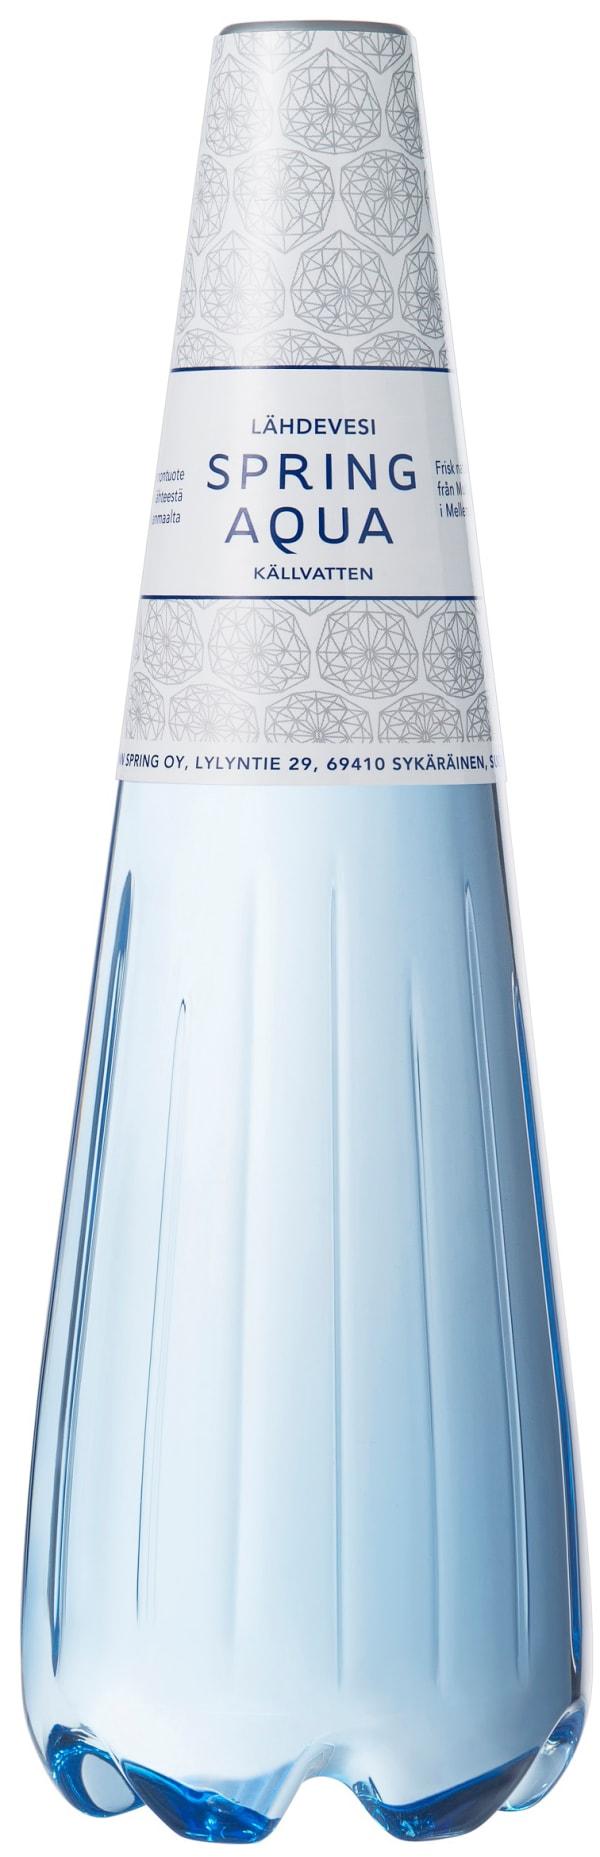 Spring Aqua Lähdevesi plastflaska